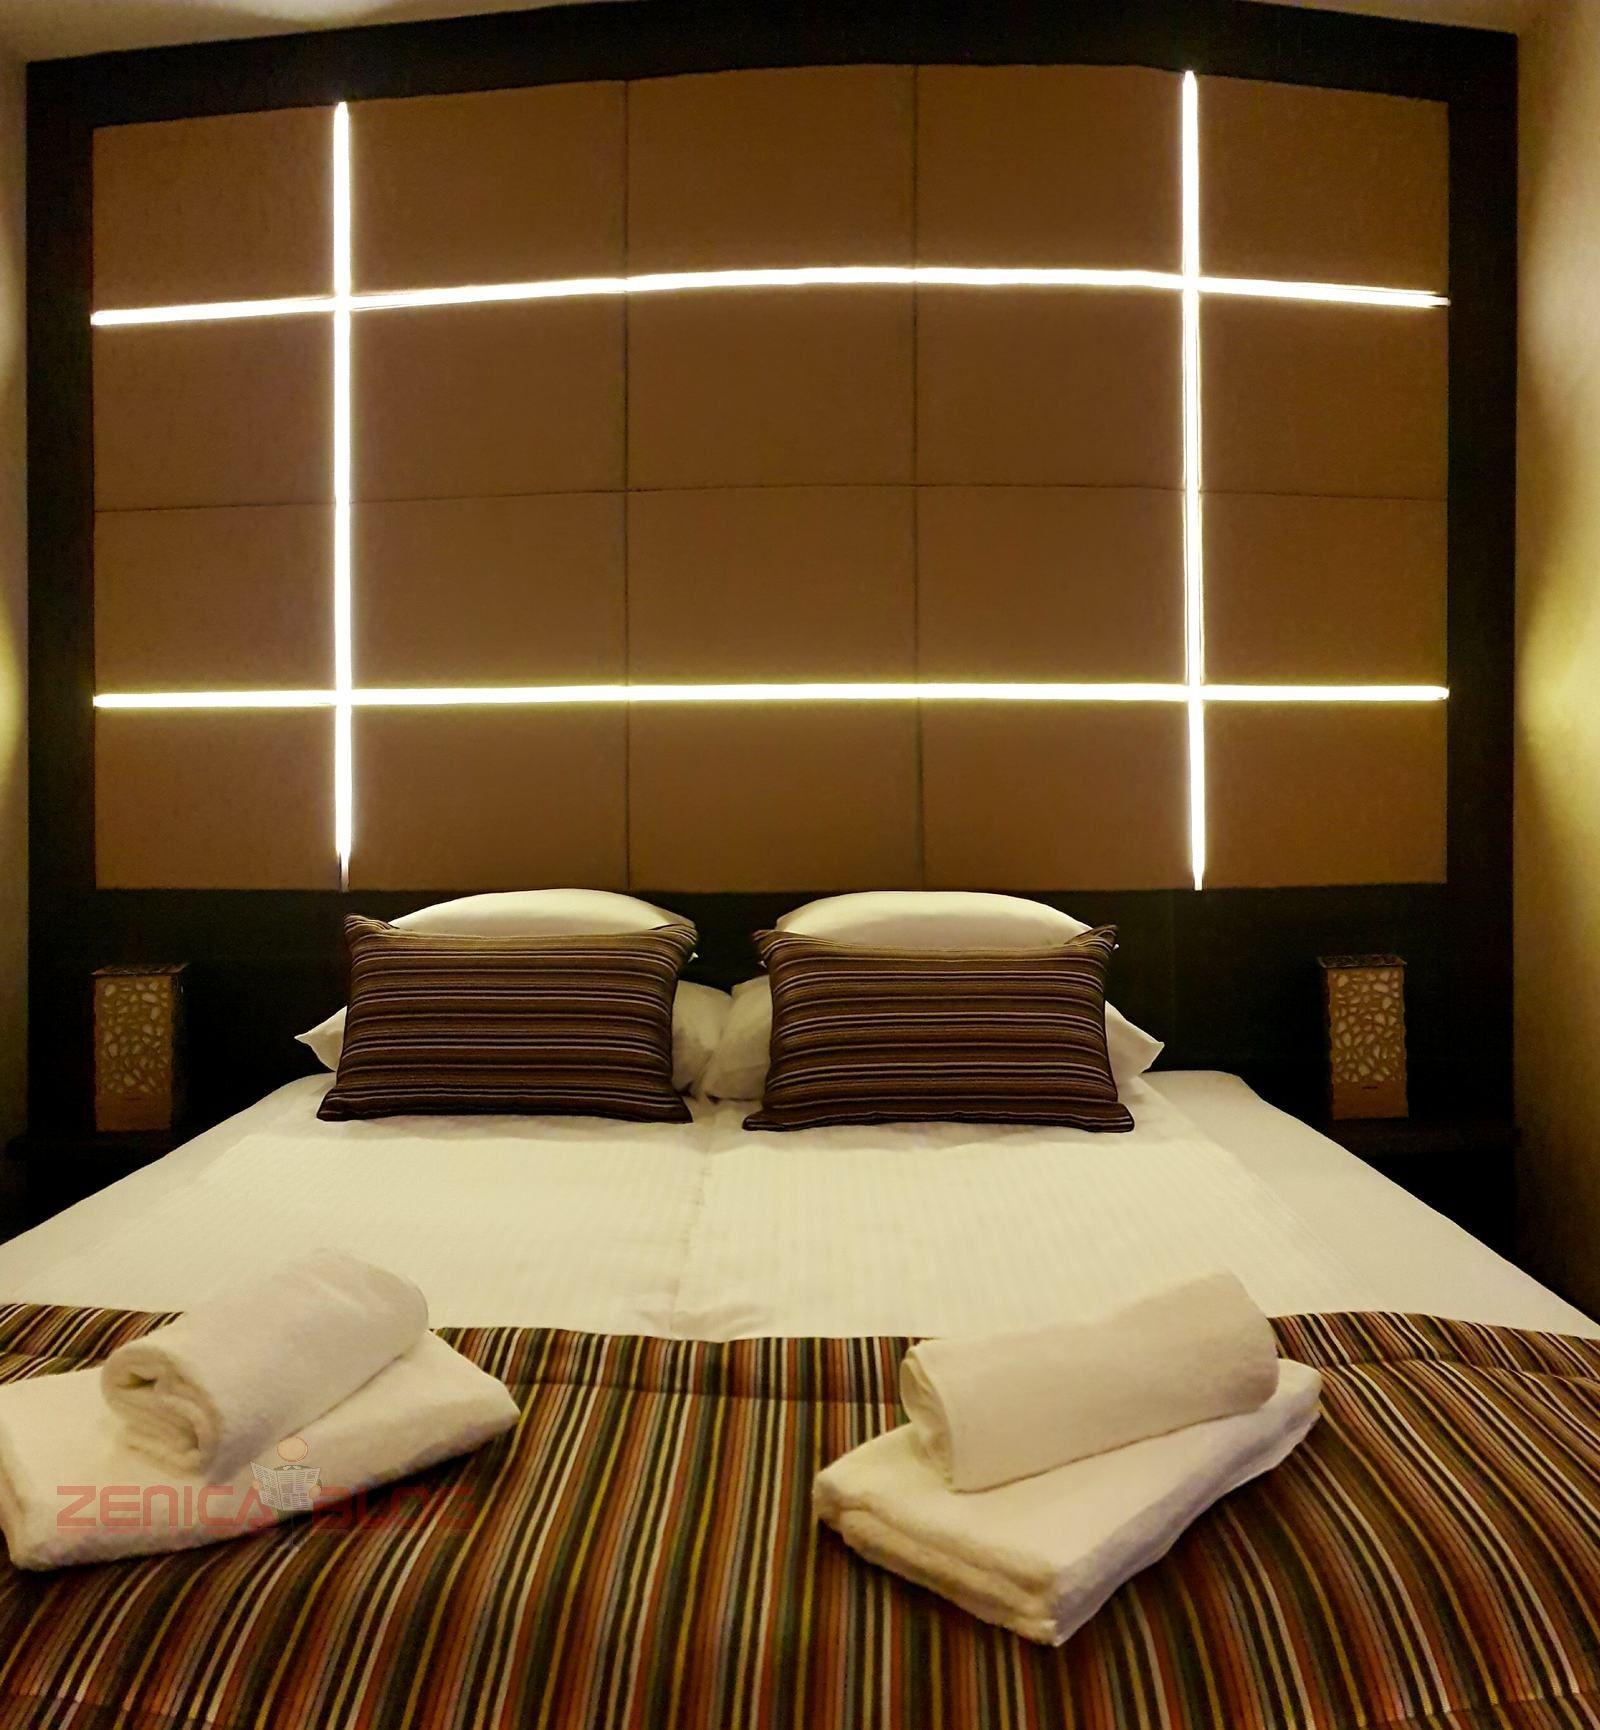 Hotelski program zavjesa i dekora